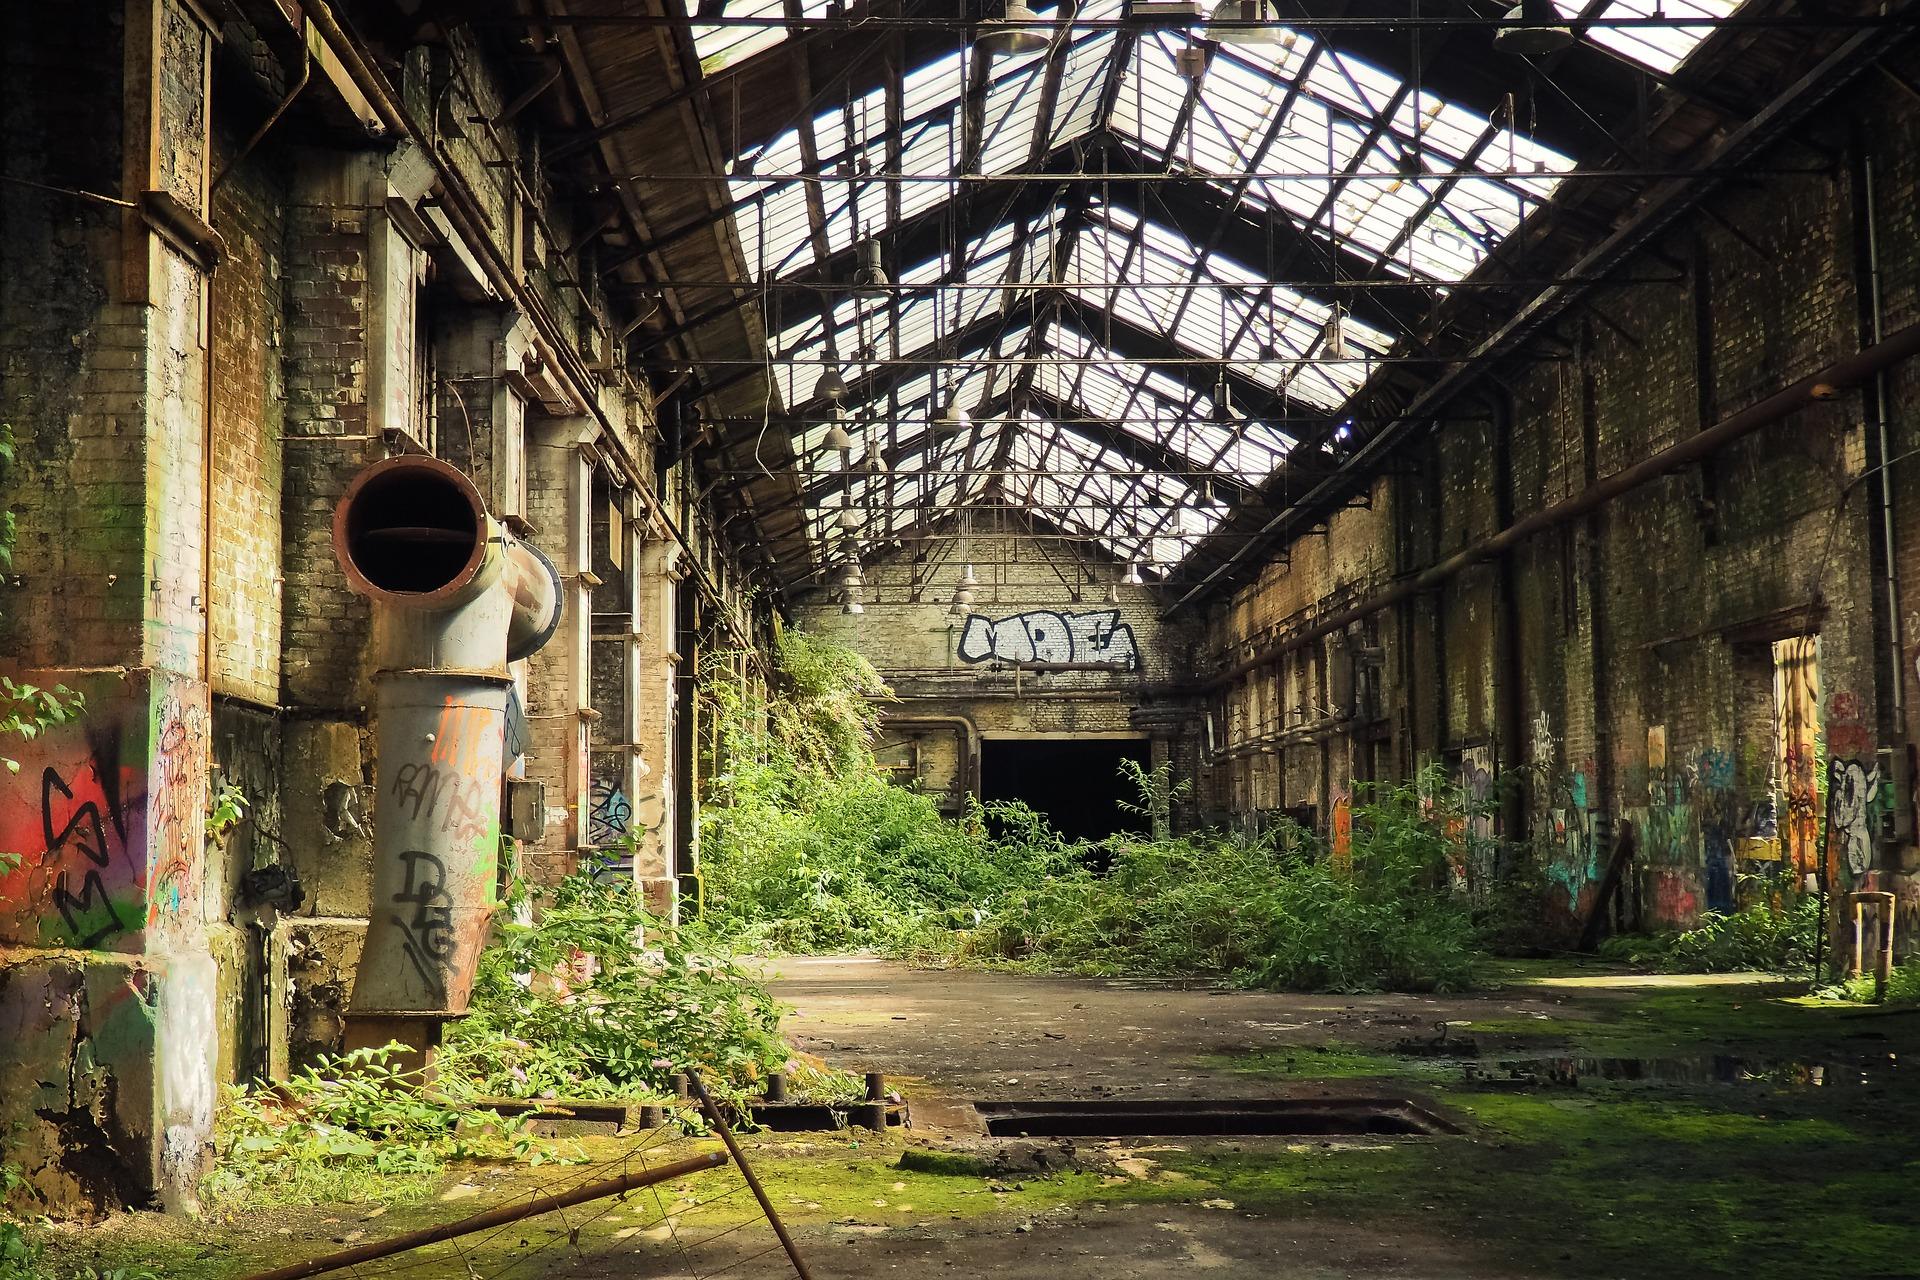 Промышленный туризм: кто любит заводские заброшенки?